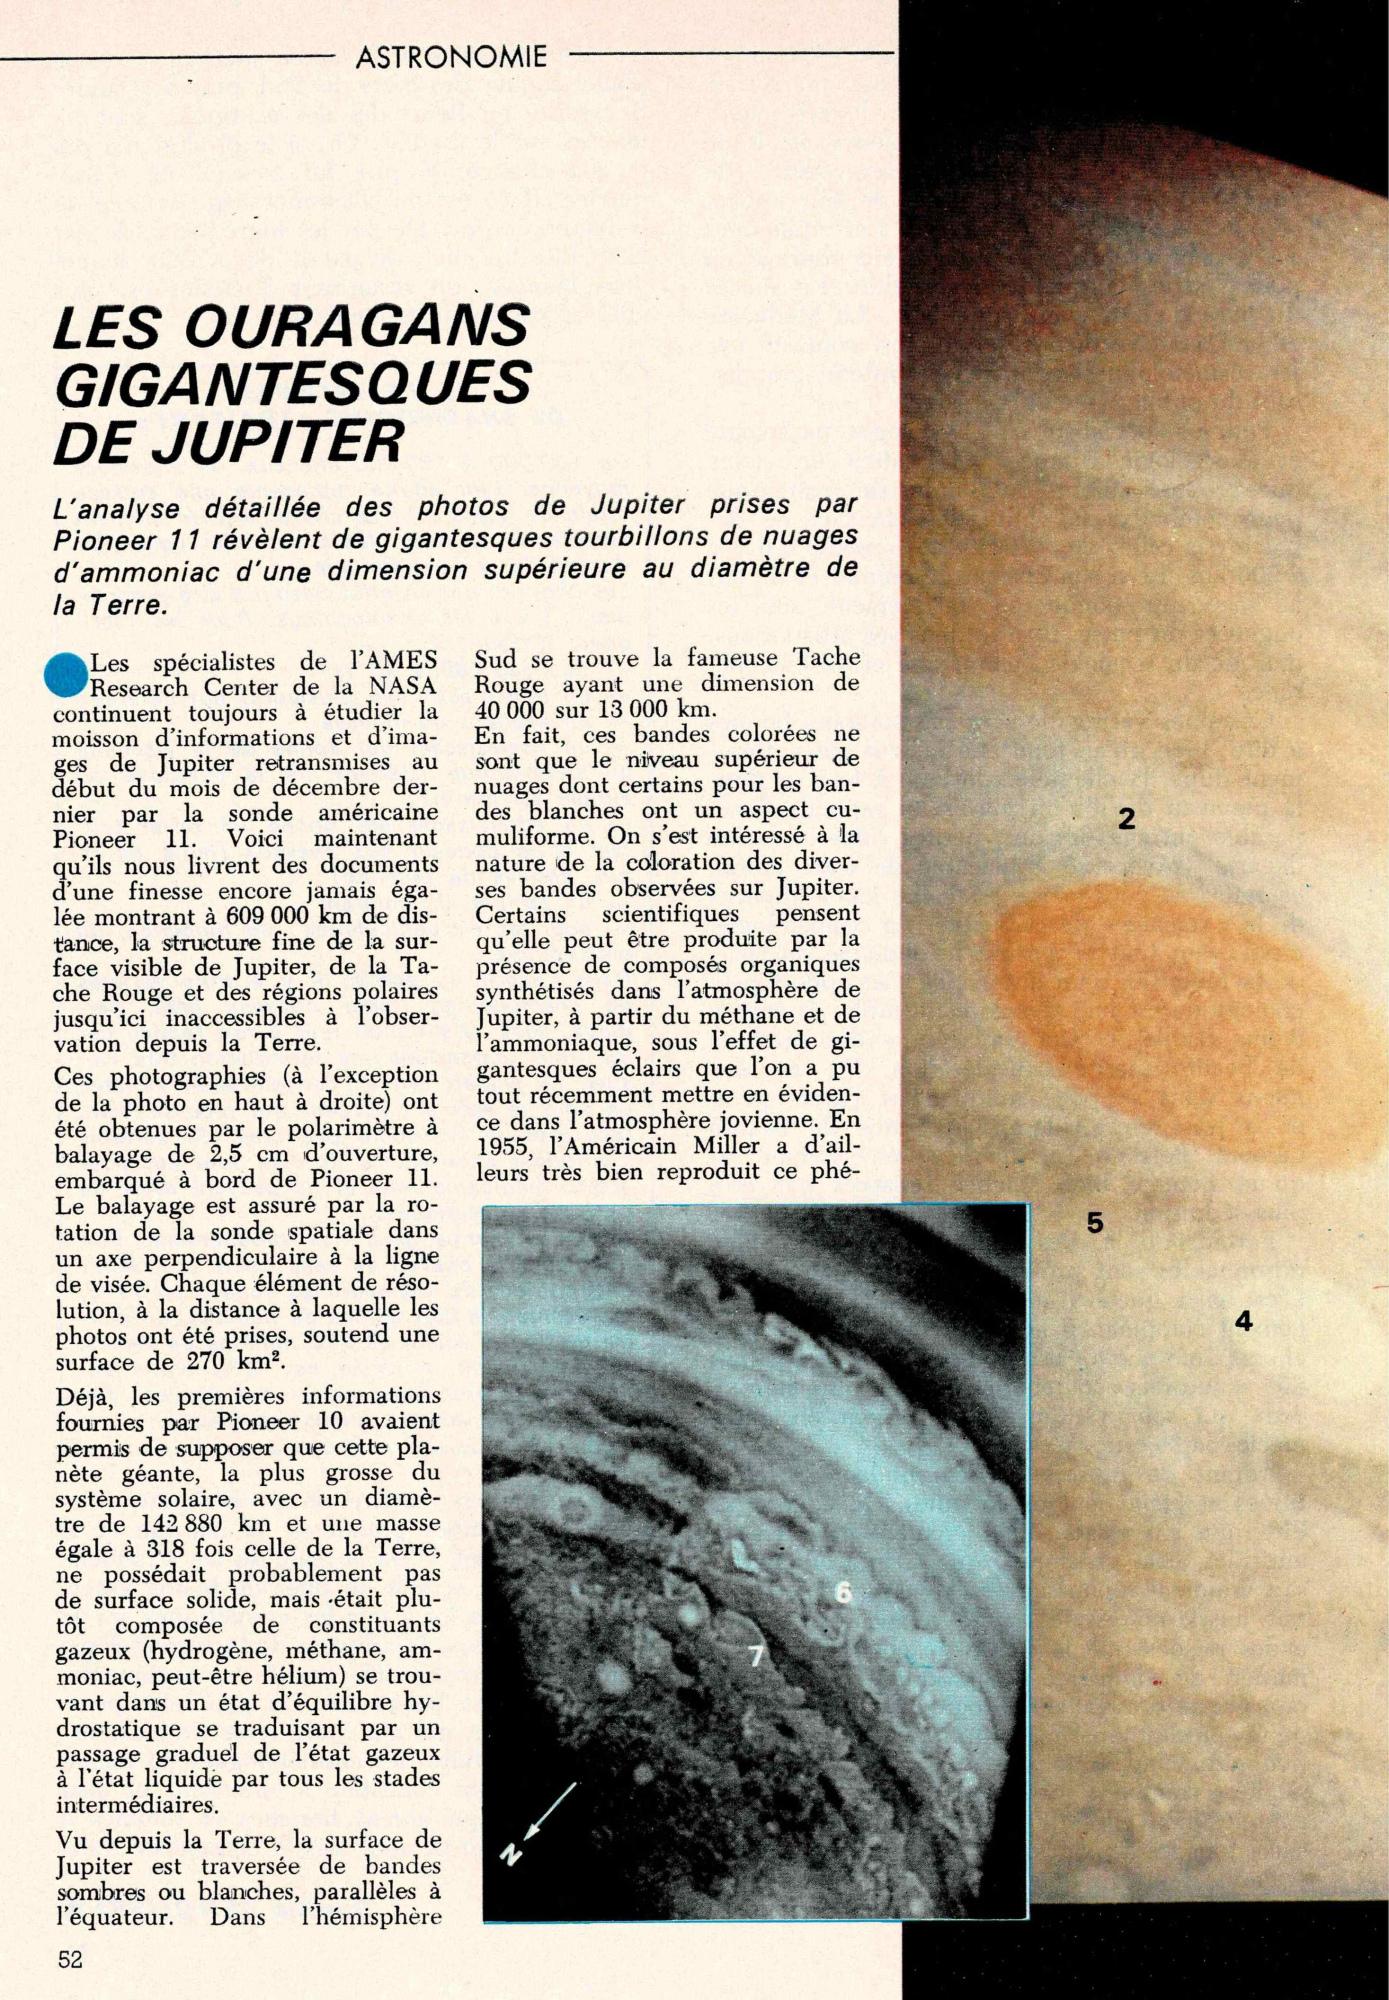 600dc8641911a_ScienceVie_1975-07_Les-ouragans-gigantesques-de-Jupiter_1_ASF.thumb.jpg.2a043277c95b6da8f99d9f12db4bf396.jpg